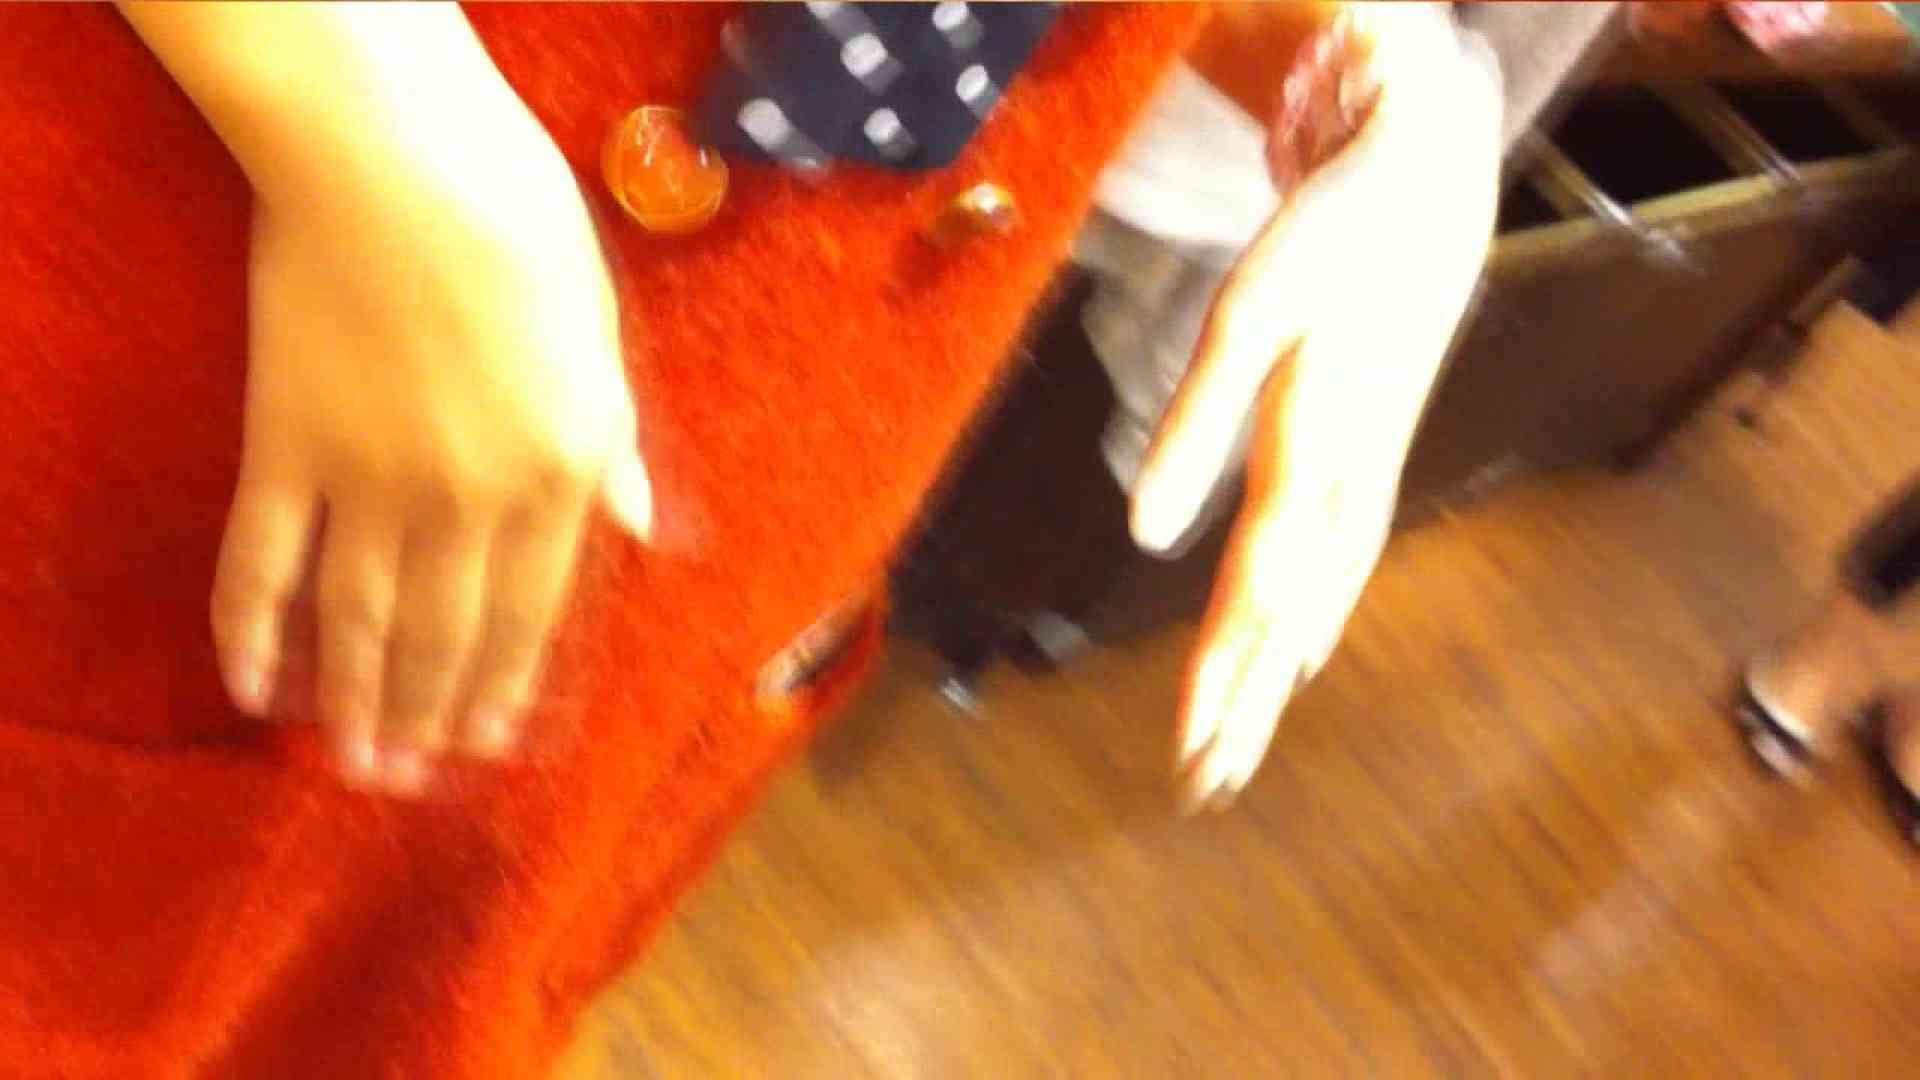 vol.33 美人アパレル胸チラ&パンチラ ギャル系ネーチャンの下着 ギャルの実態 覗きおまんこ画像 42pic 34